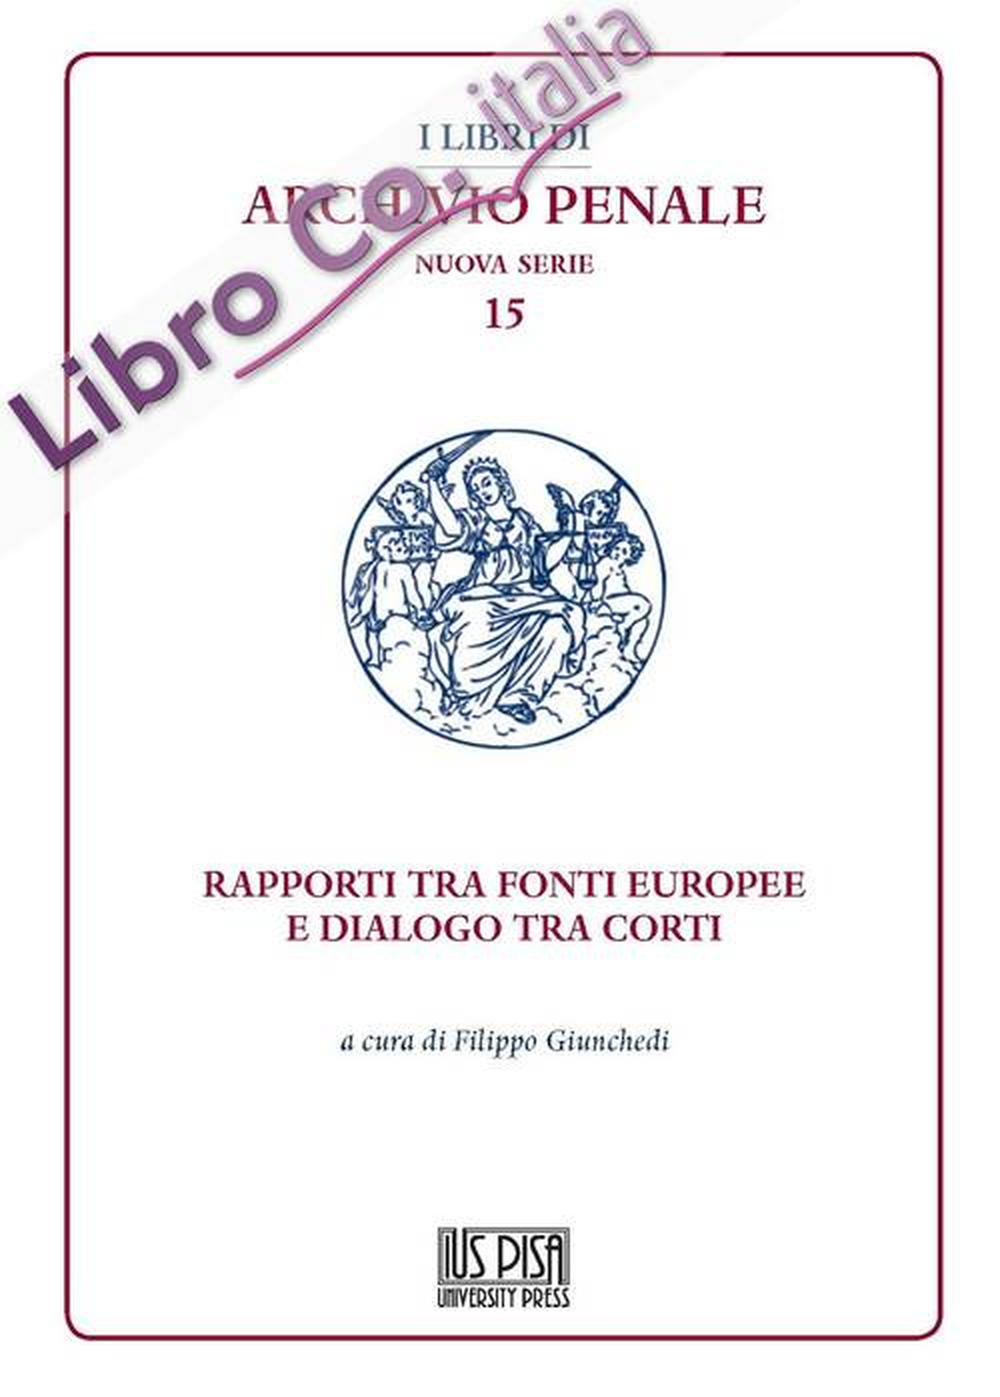 Rapporti tra fonti europee e dialogo tra corti